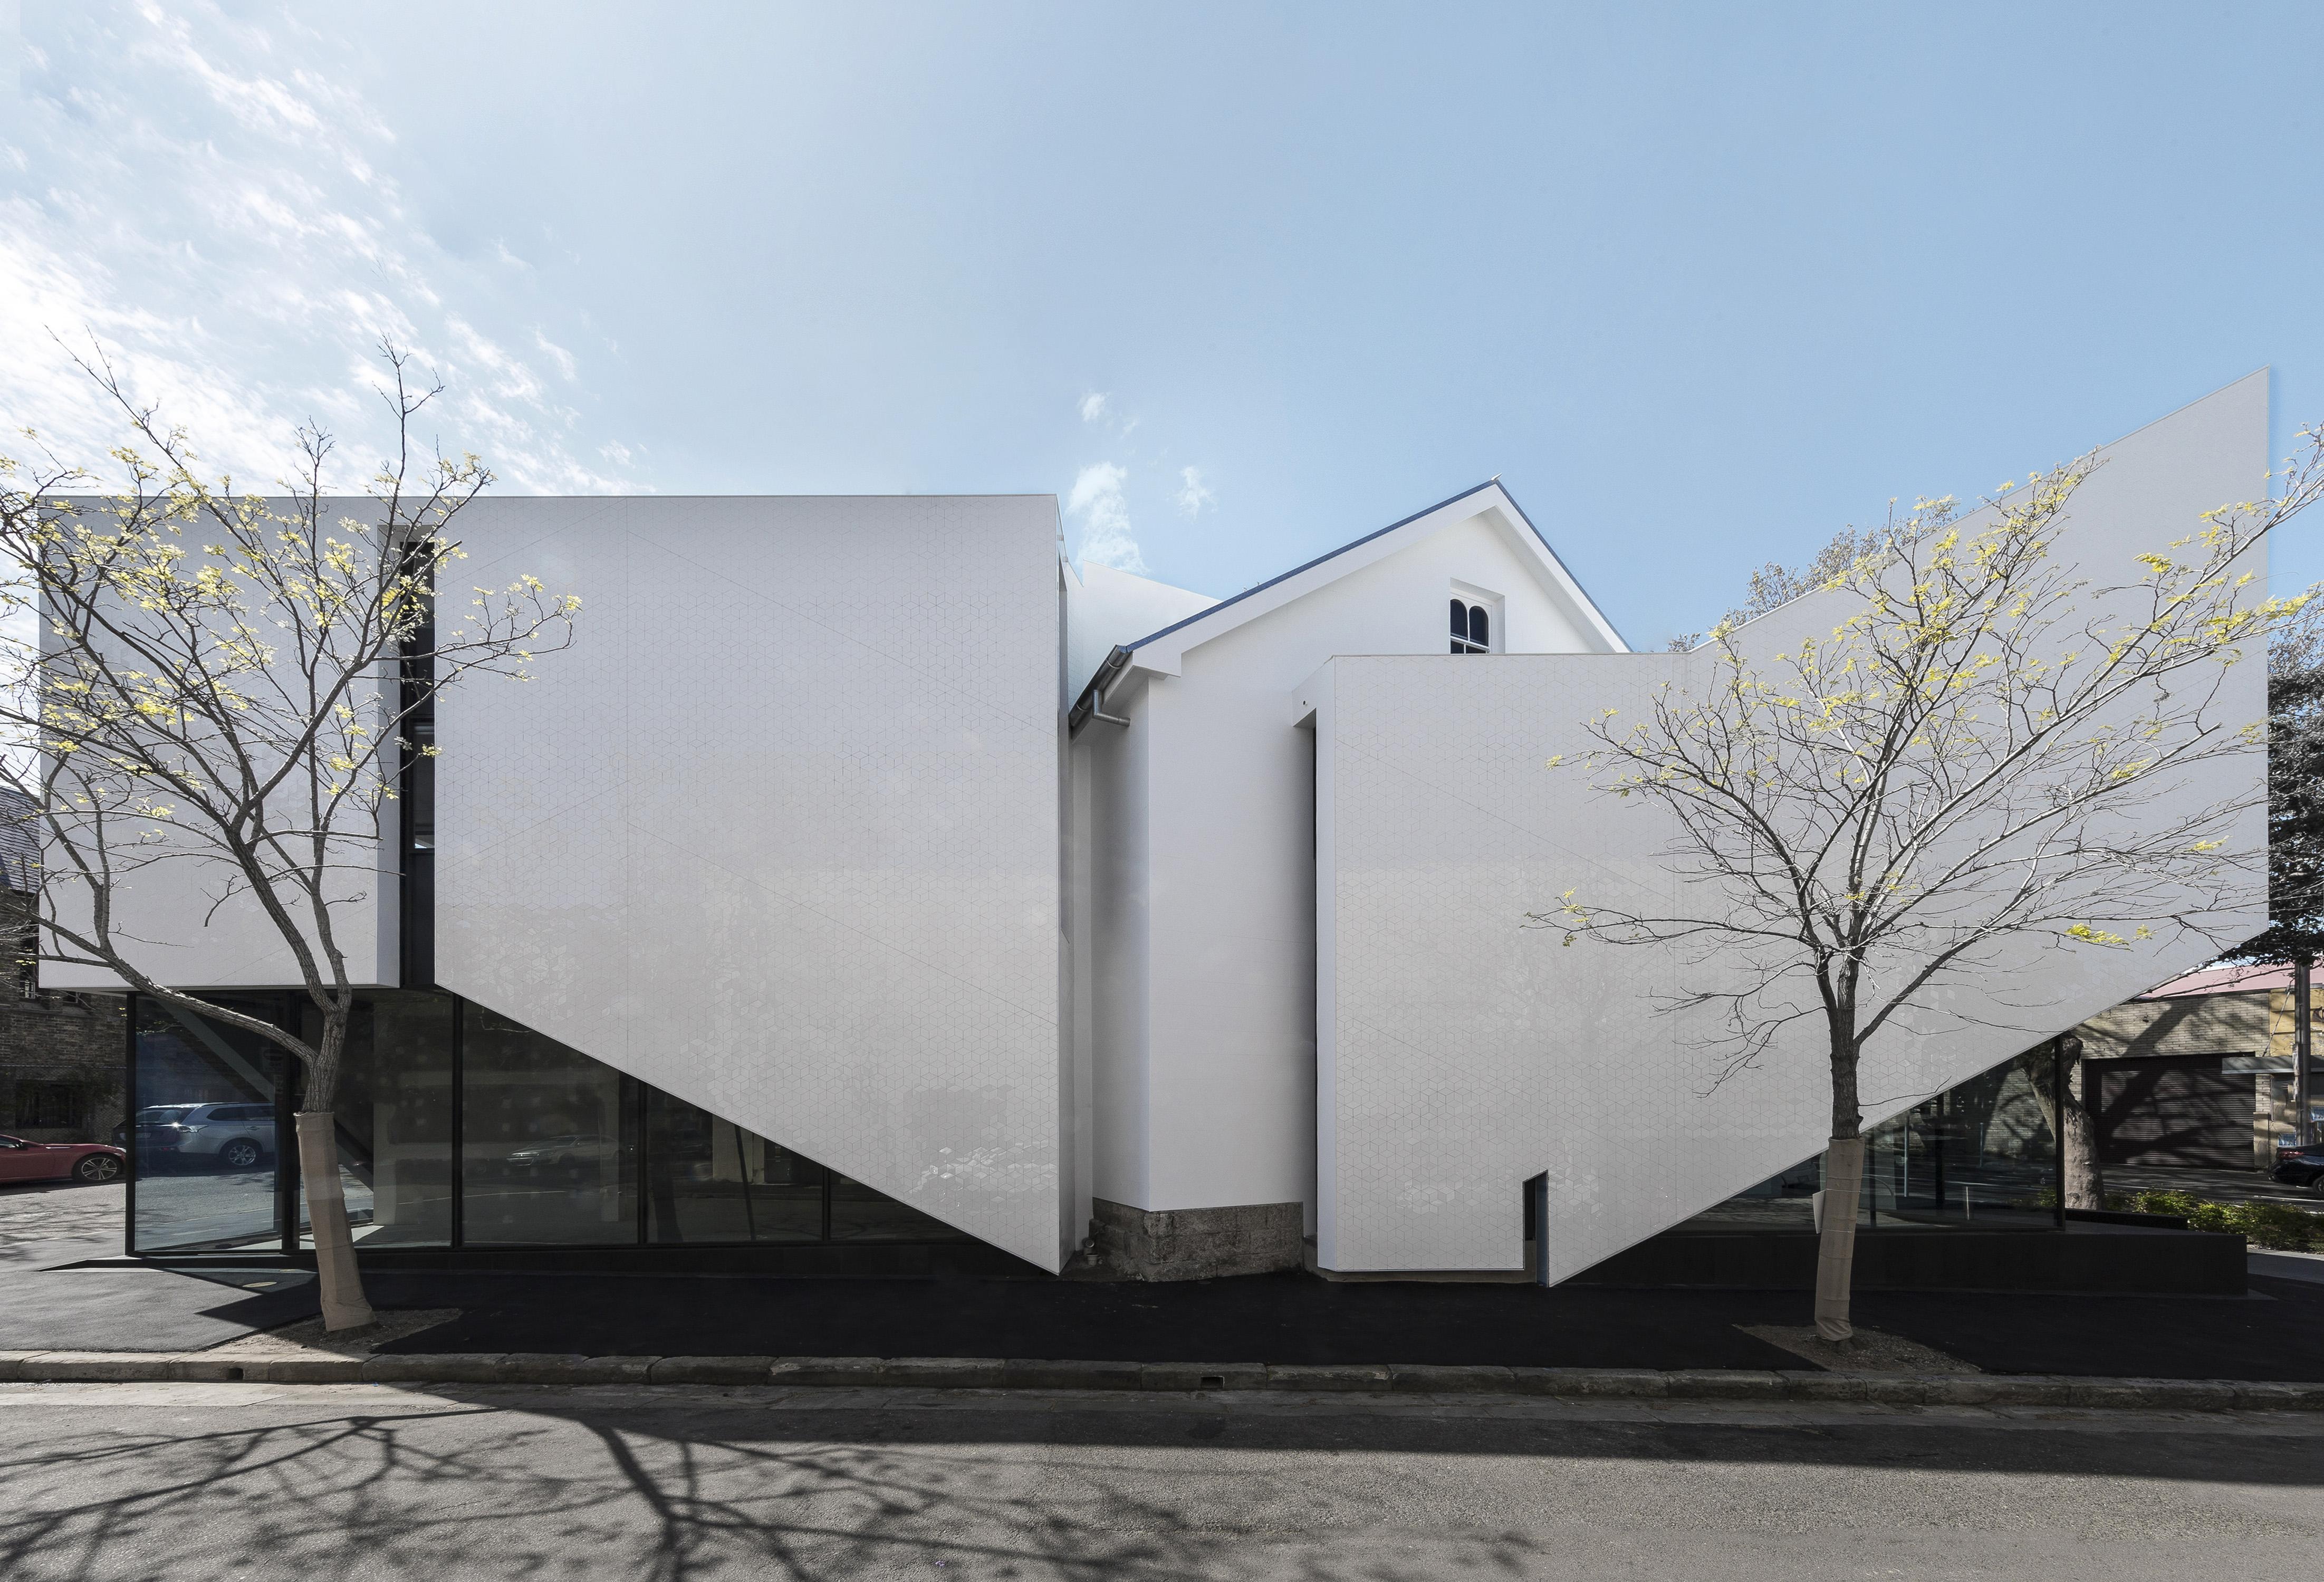 Crown 515-Smart Design Studio-The Local Project-Australian Architecture & Design-Image 4